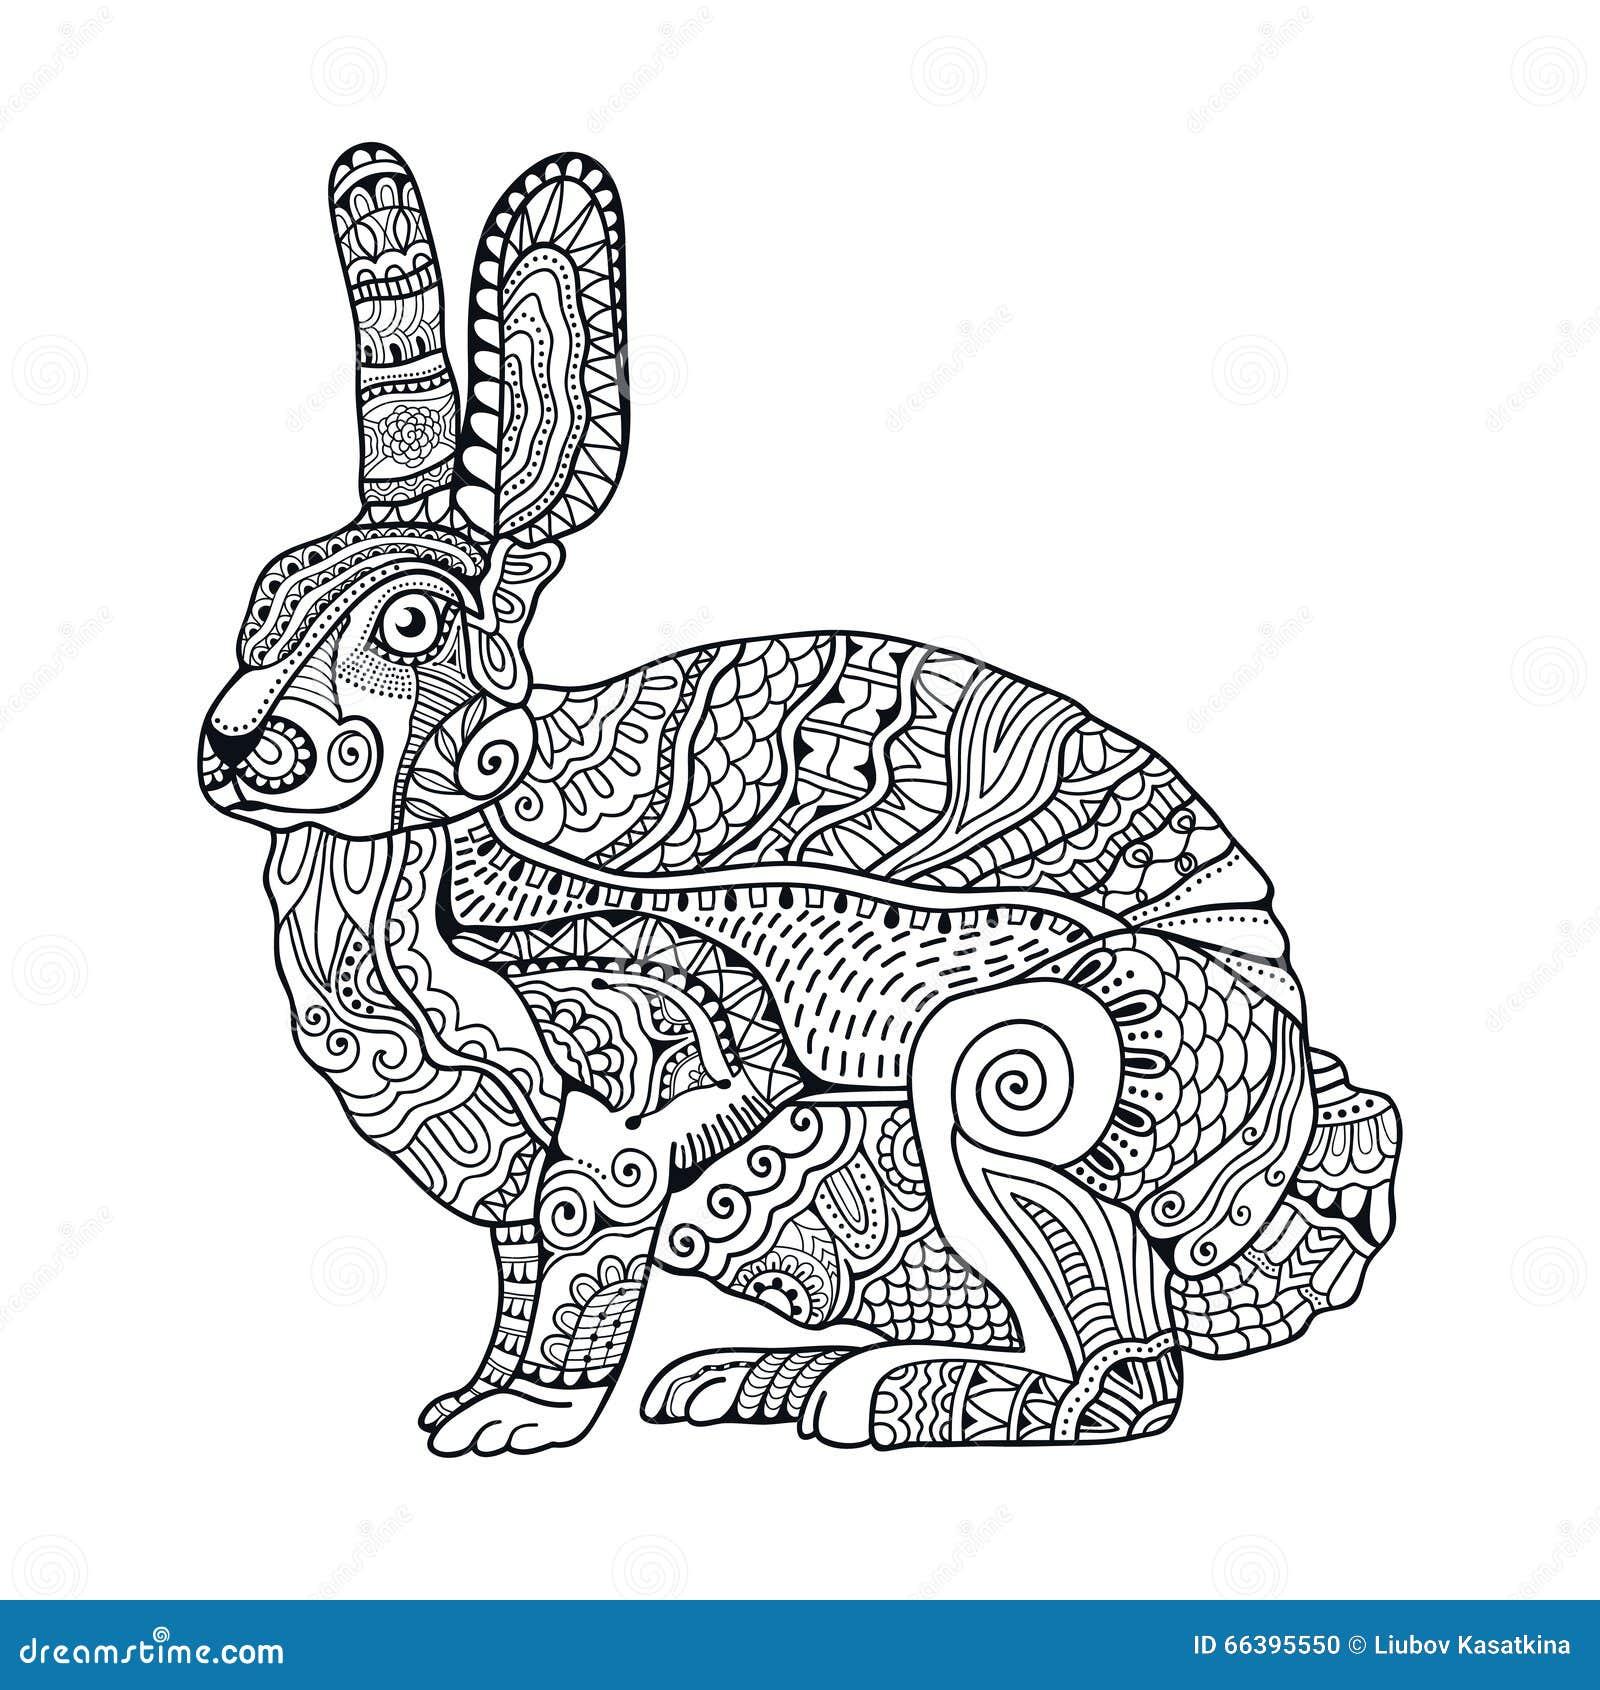 Zentangle Stylized Rabbit Hand